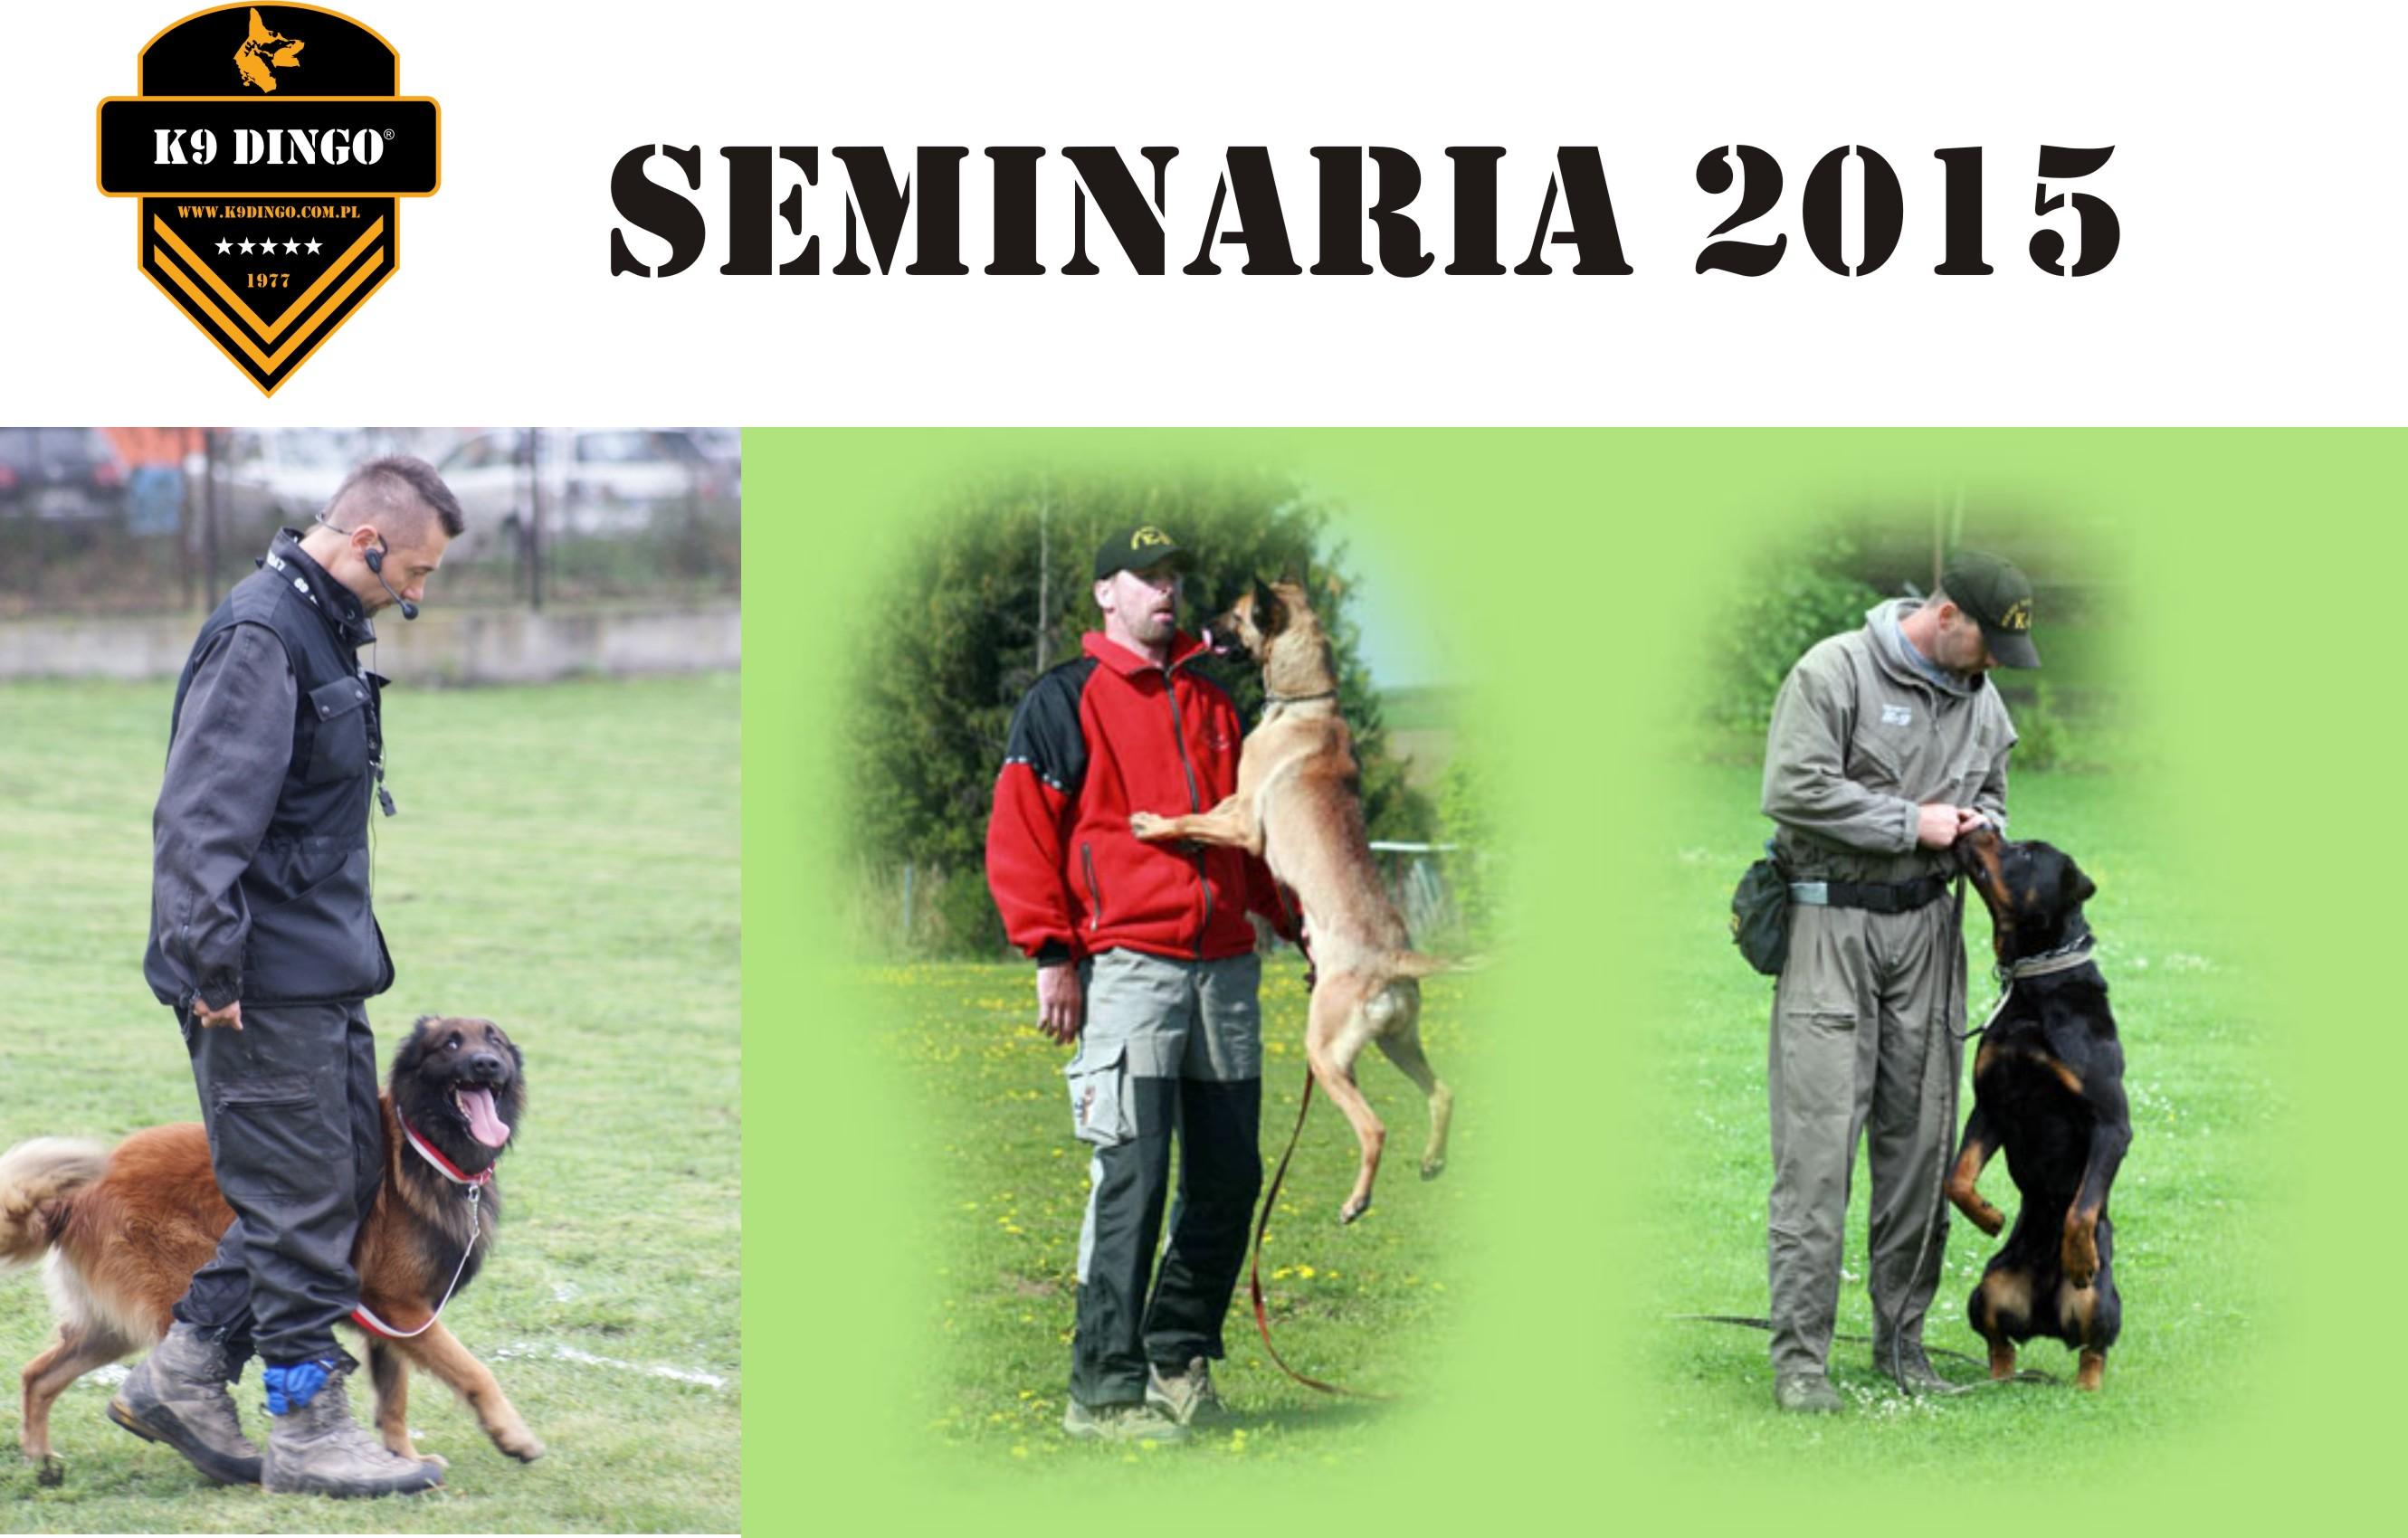 Semianria w K-9 Dingo